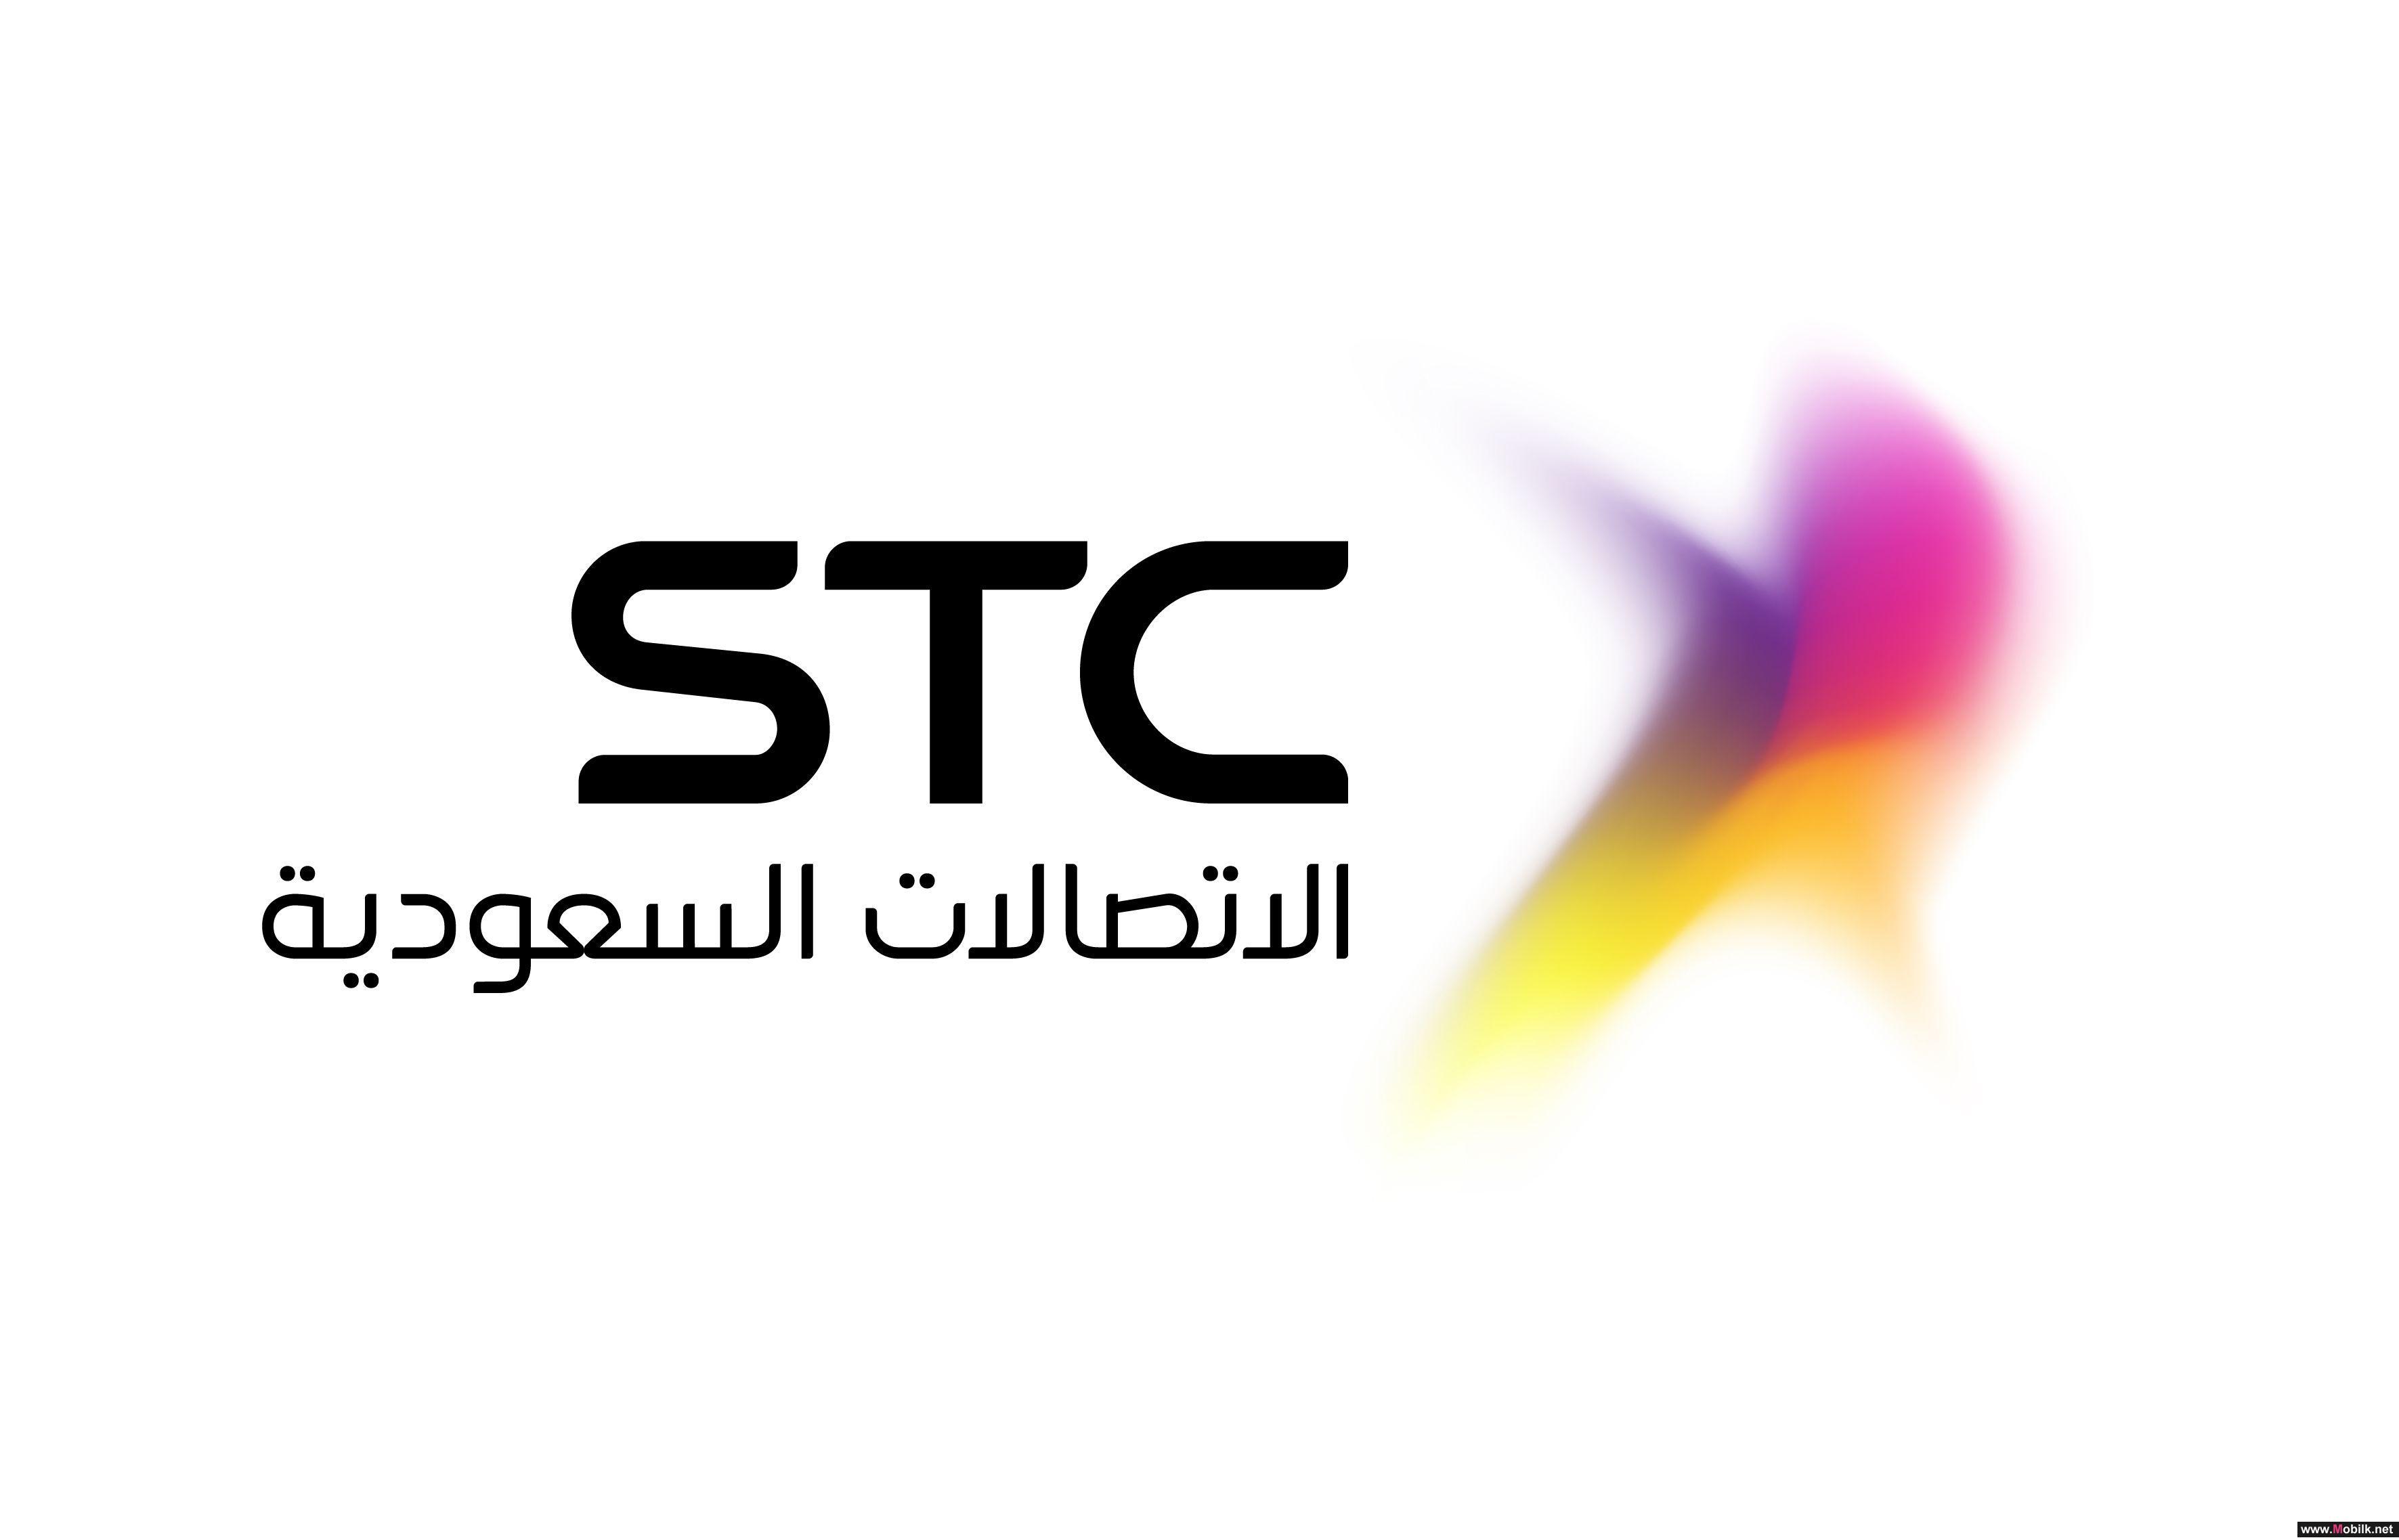 الاتصالات السعودية تعلن عن تعيينات جديدة لعدد من كبار التنفيذيين السعوديين